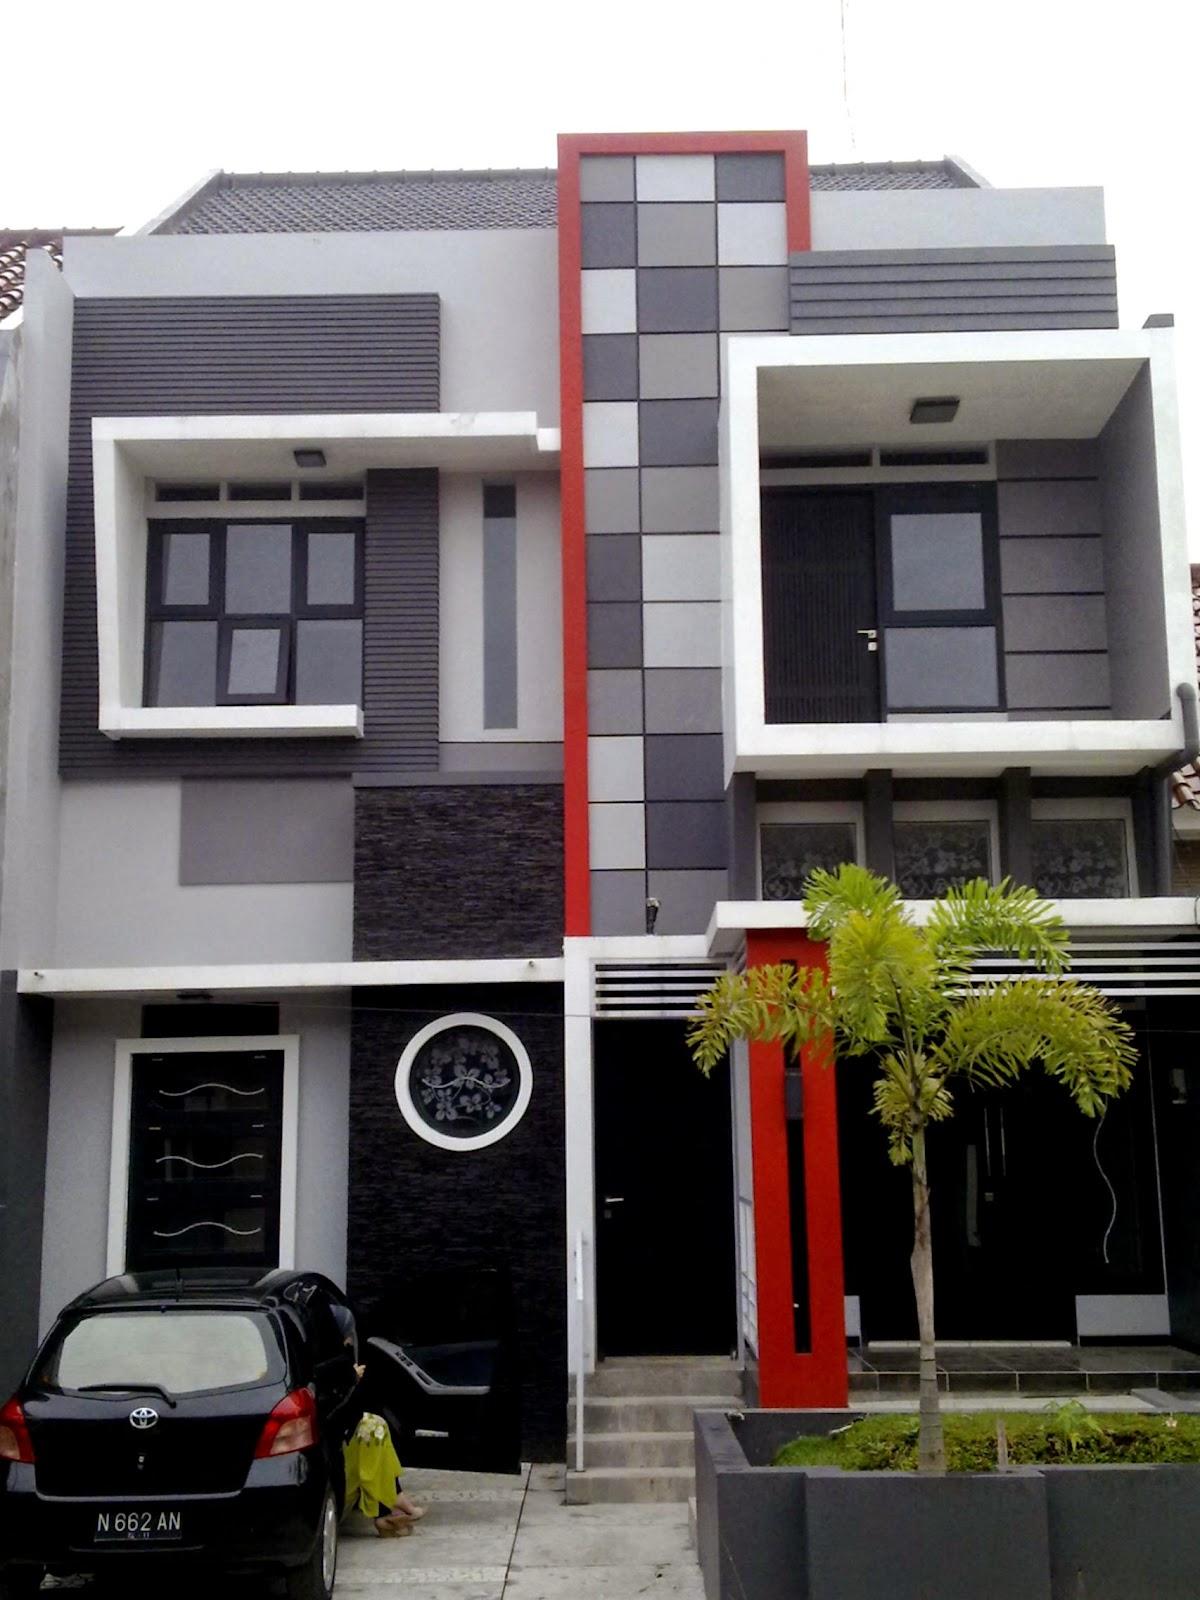 62 Desain Warna Rumah Minimalis Modern